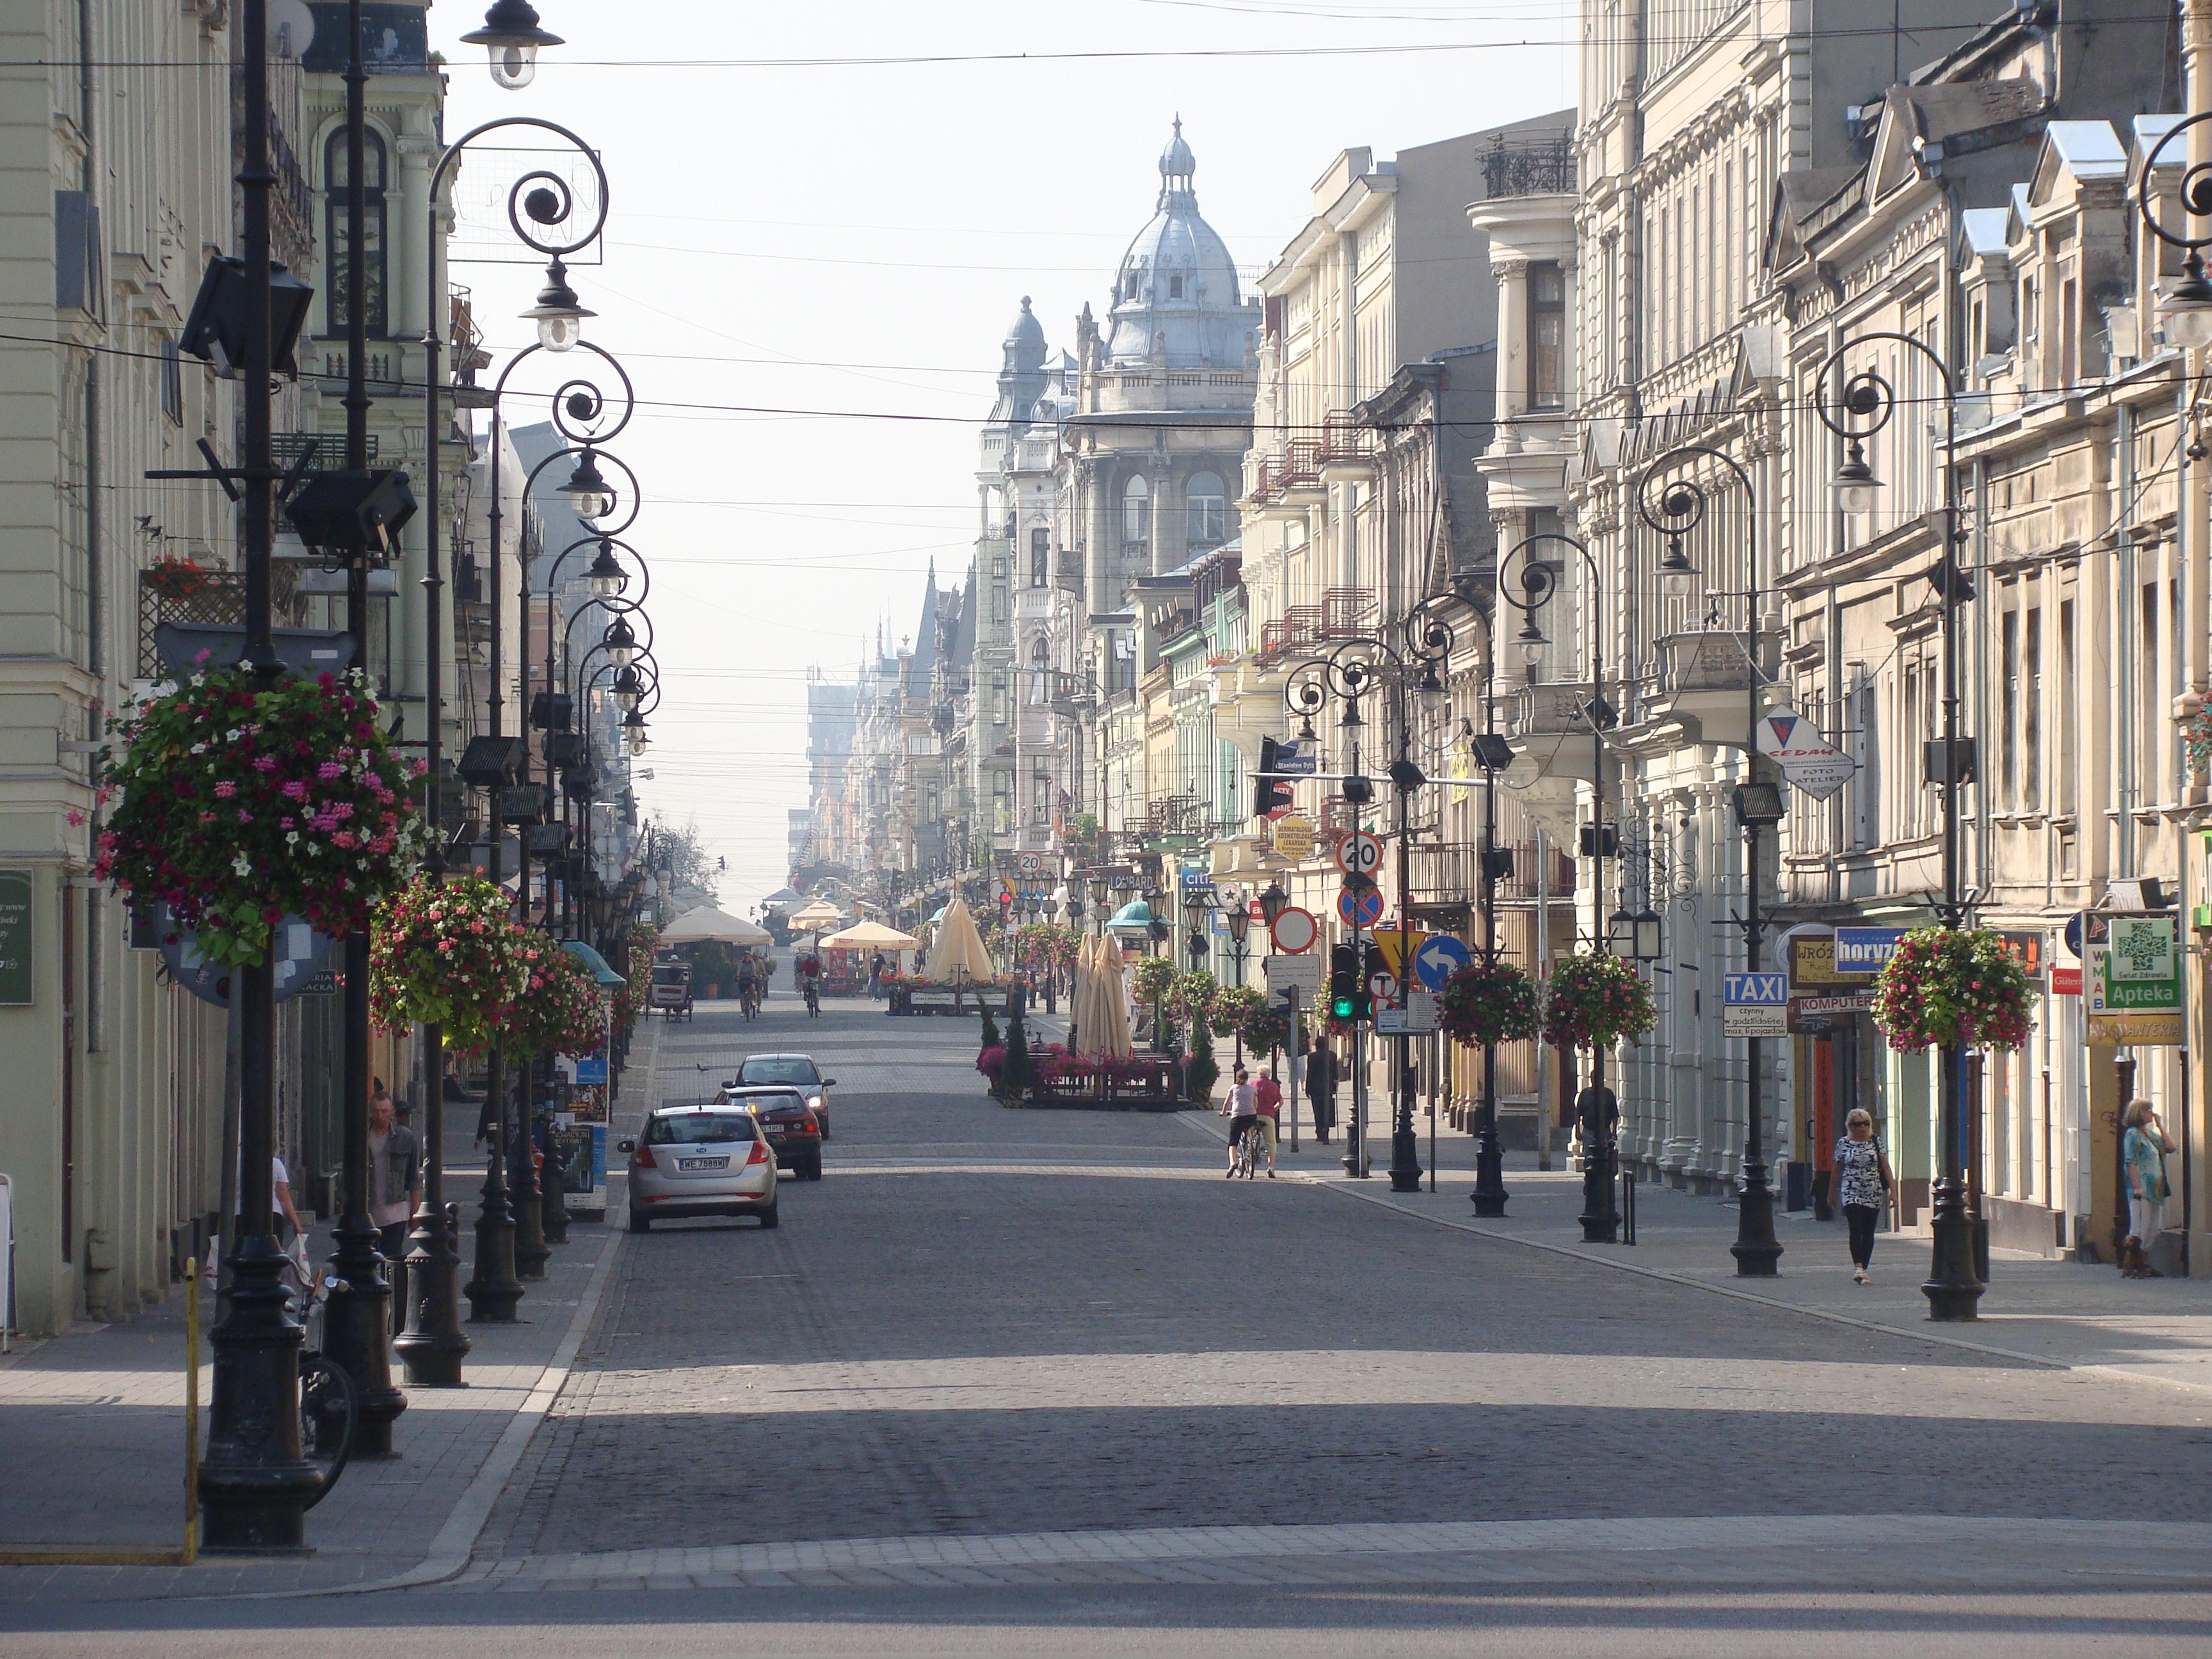 Ulica Piotrkowska W łodzi Wikipedia Wolna Encyklopedia